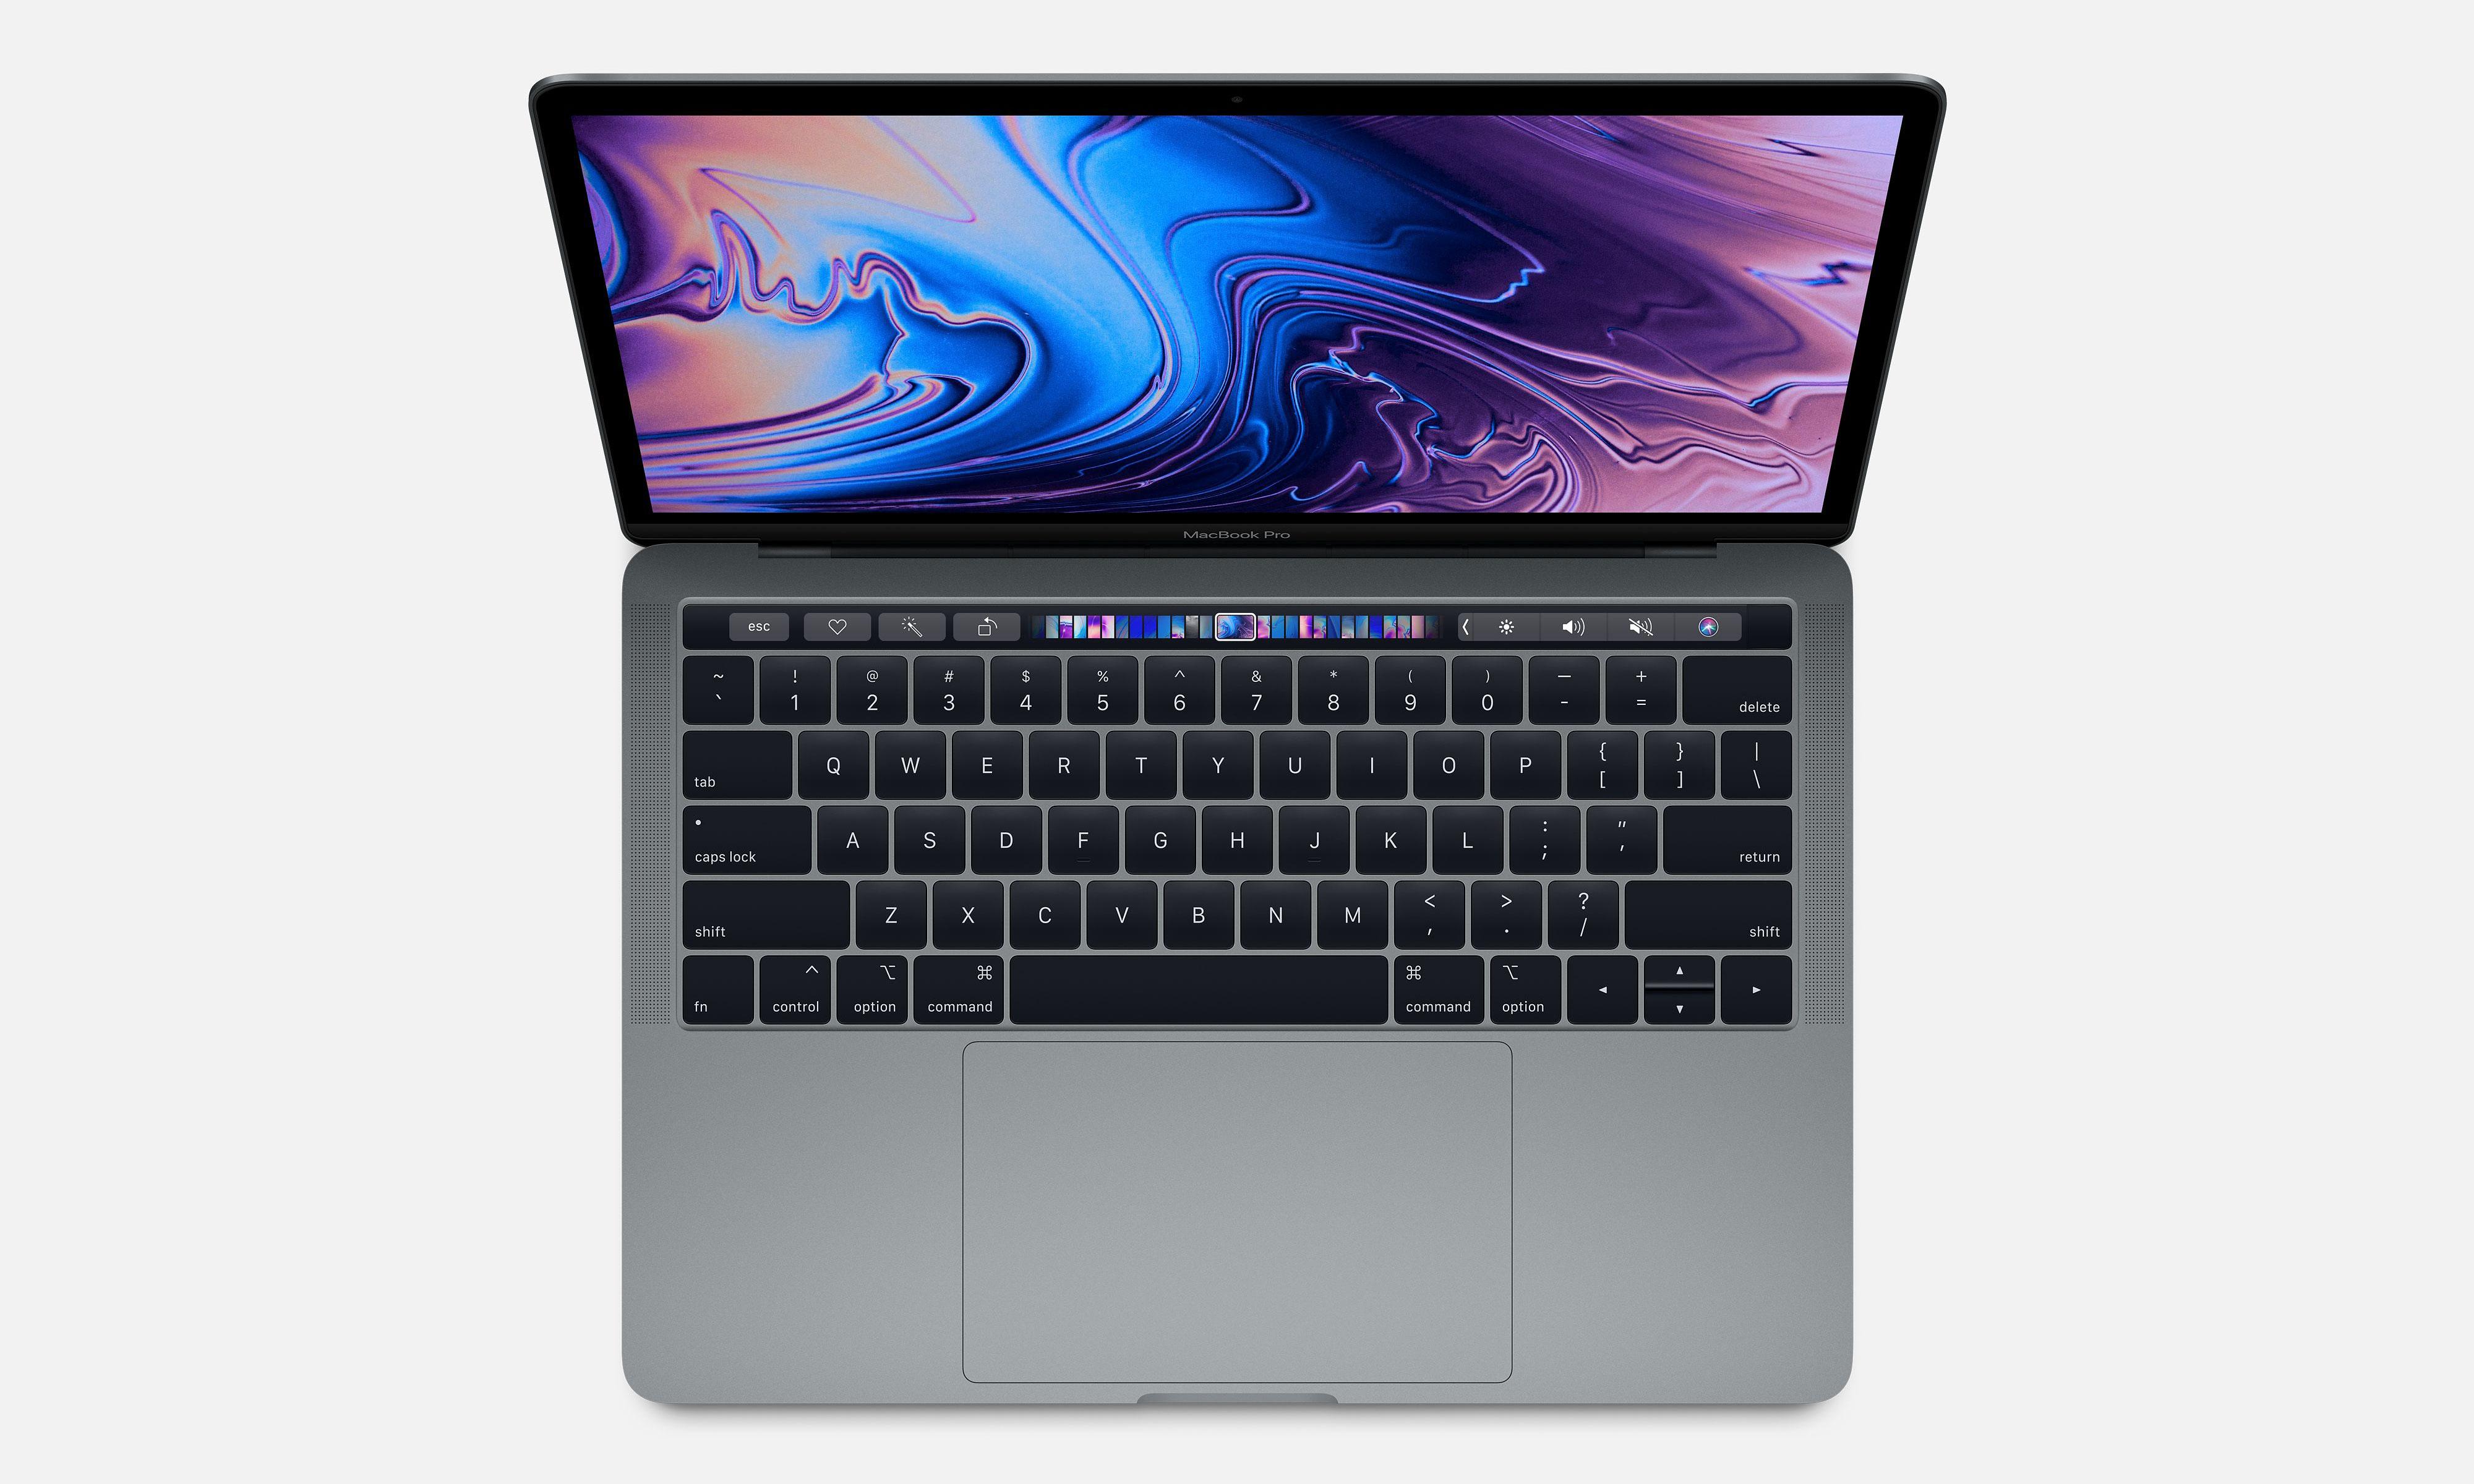 16 英寸 MacBook Pro 或将于本周发布